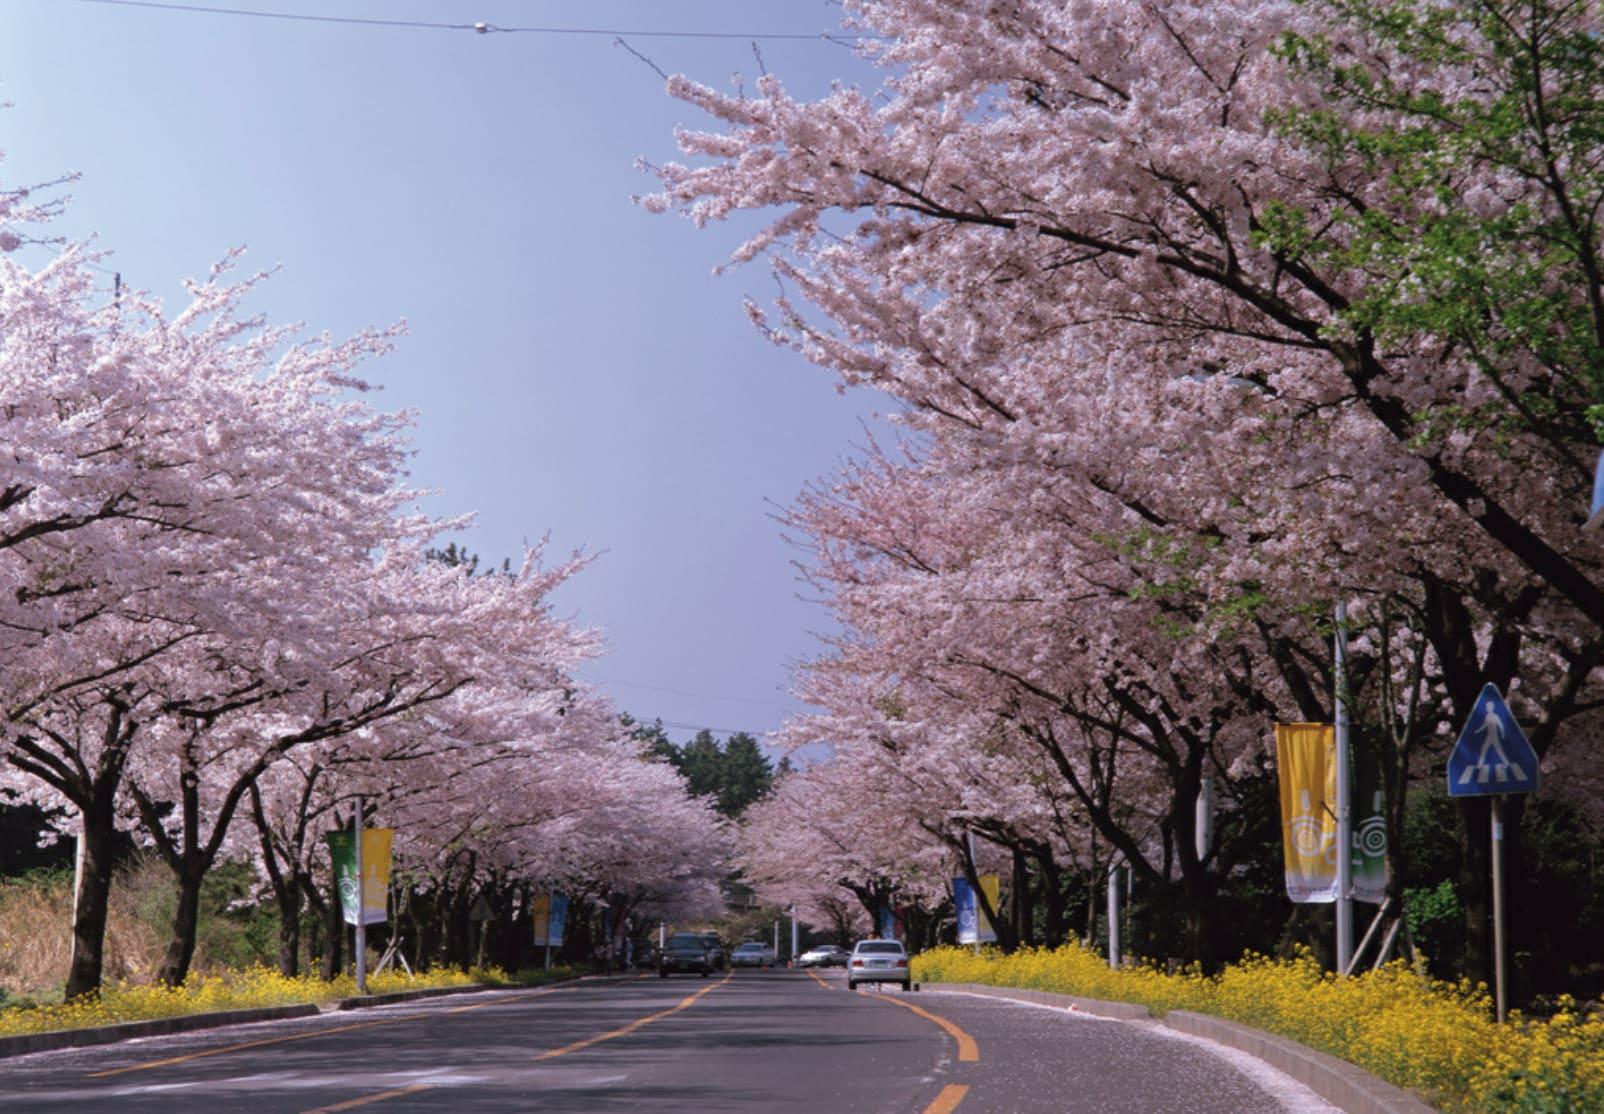 慶州櫻花樹海道路,圖片取自beach802.tistory.com。